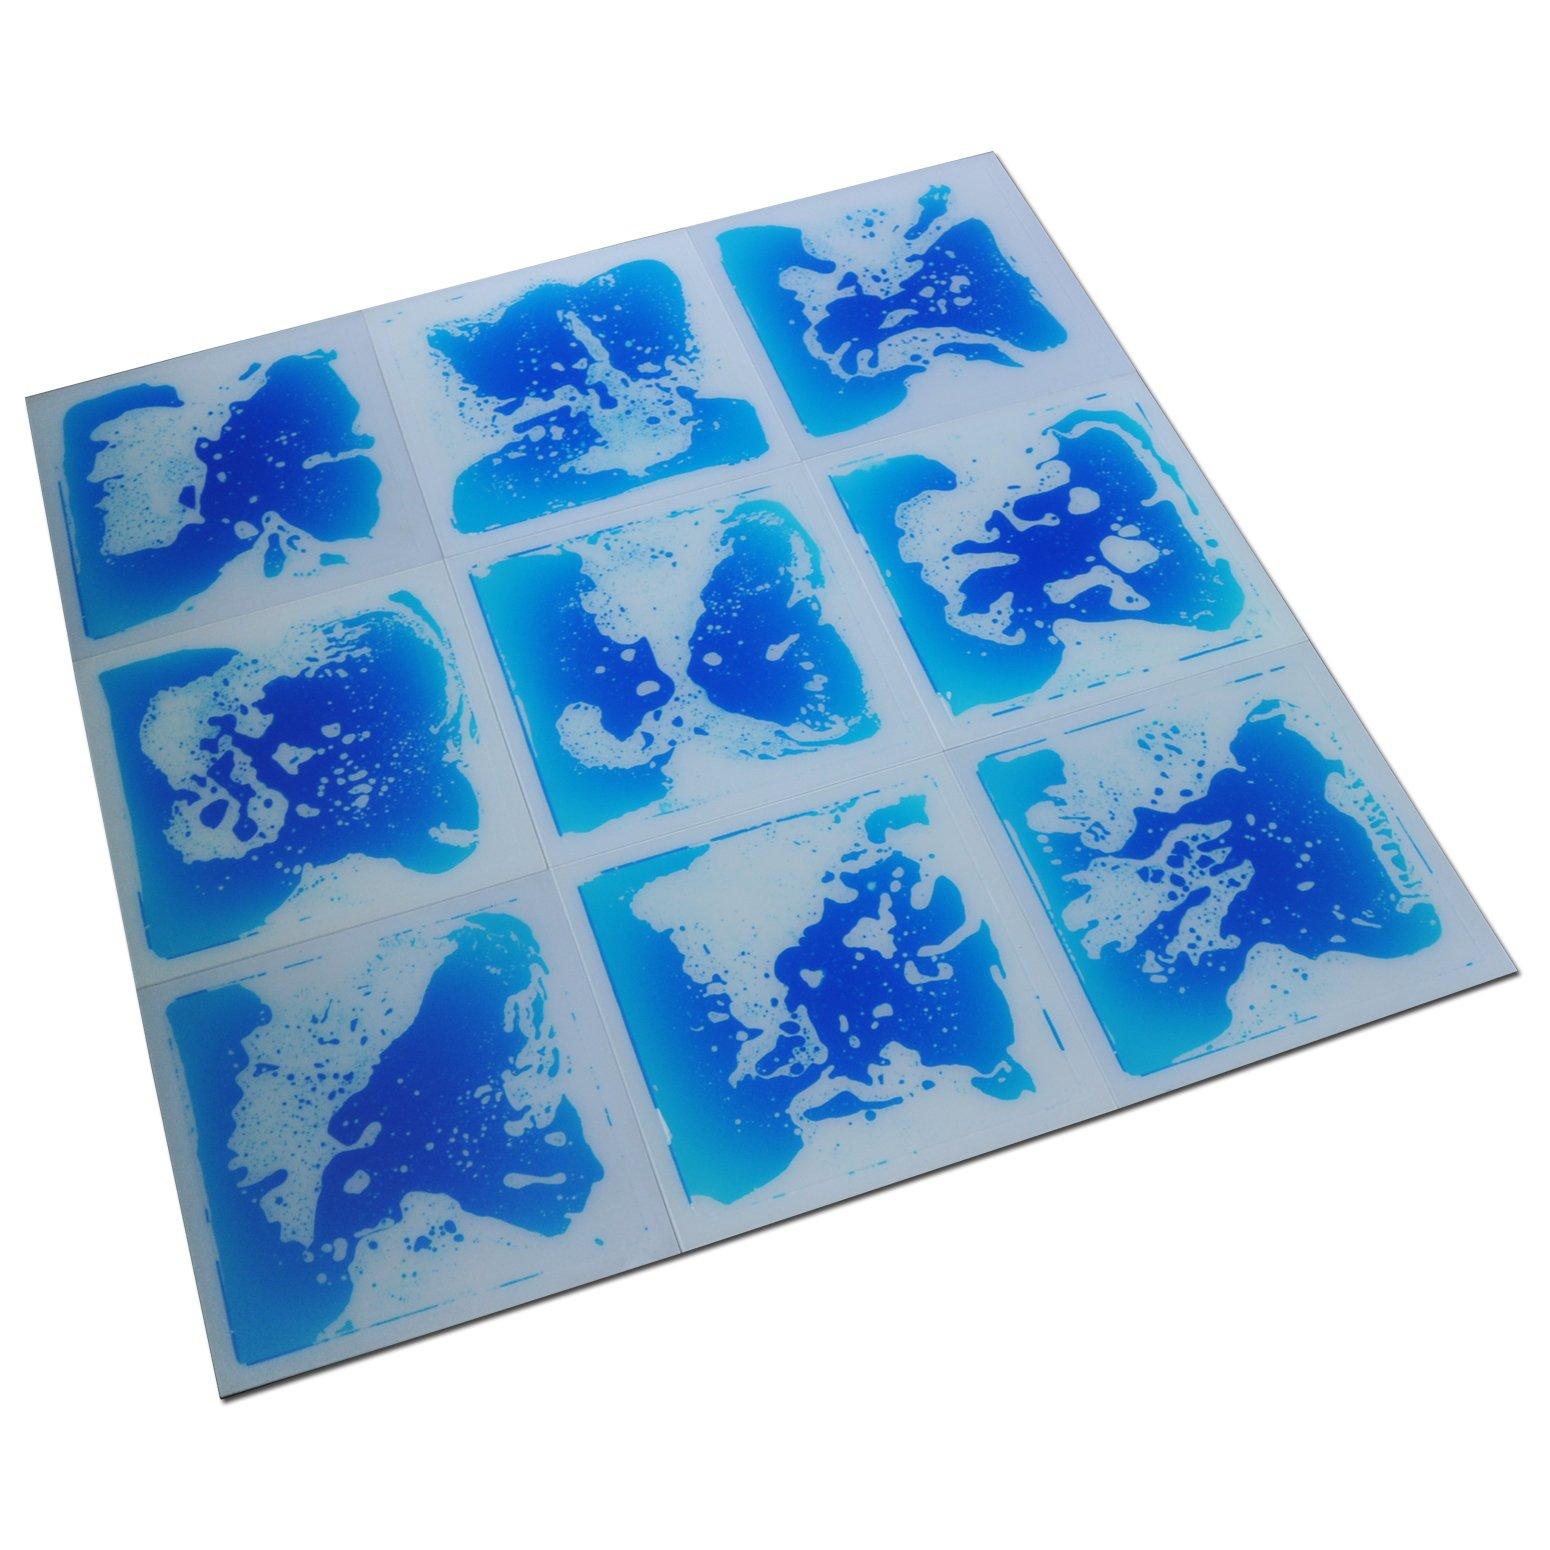 Art3d Fancy Floor Tile For Kids Room Liquid Encased Floor Tile, 12'' X 12'' Blue (9 Tiles)